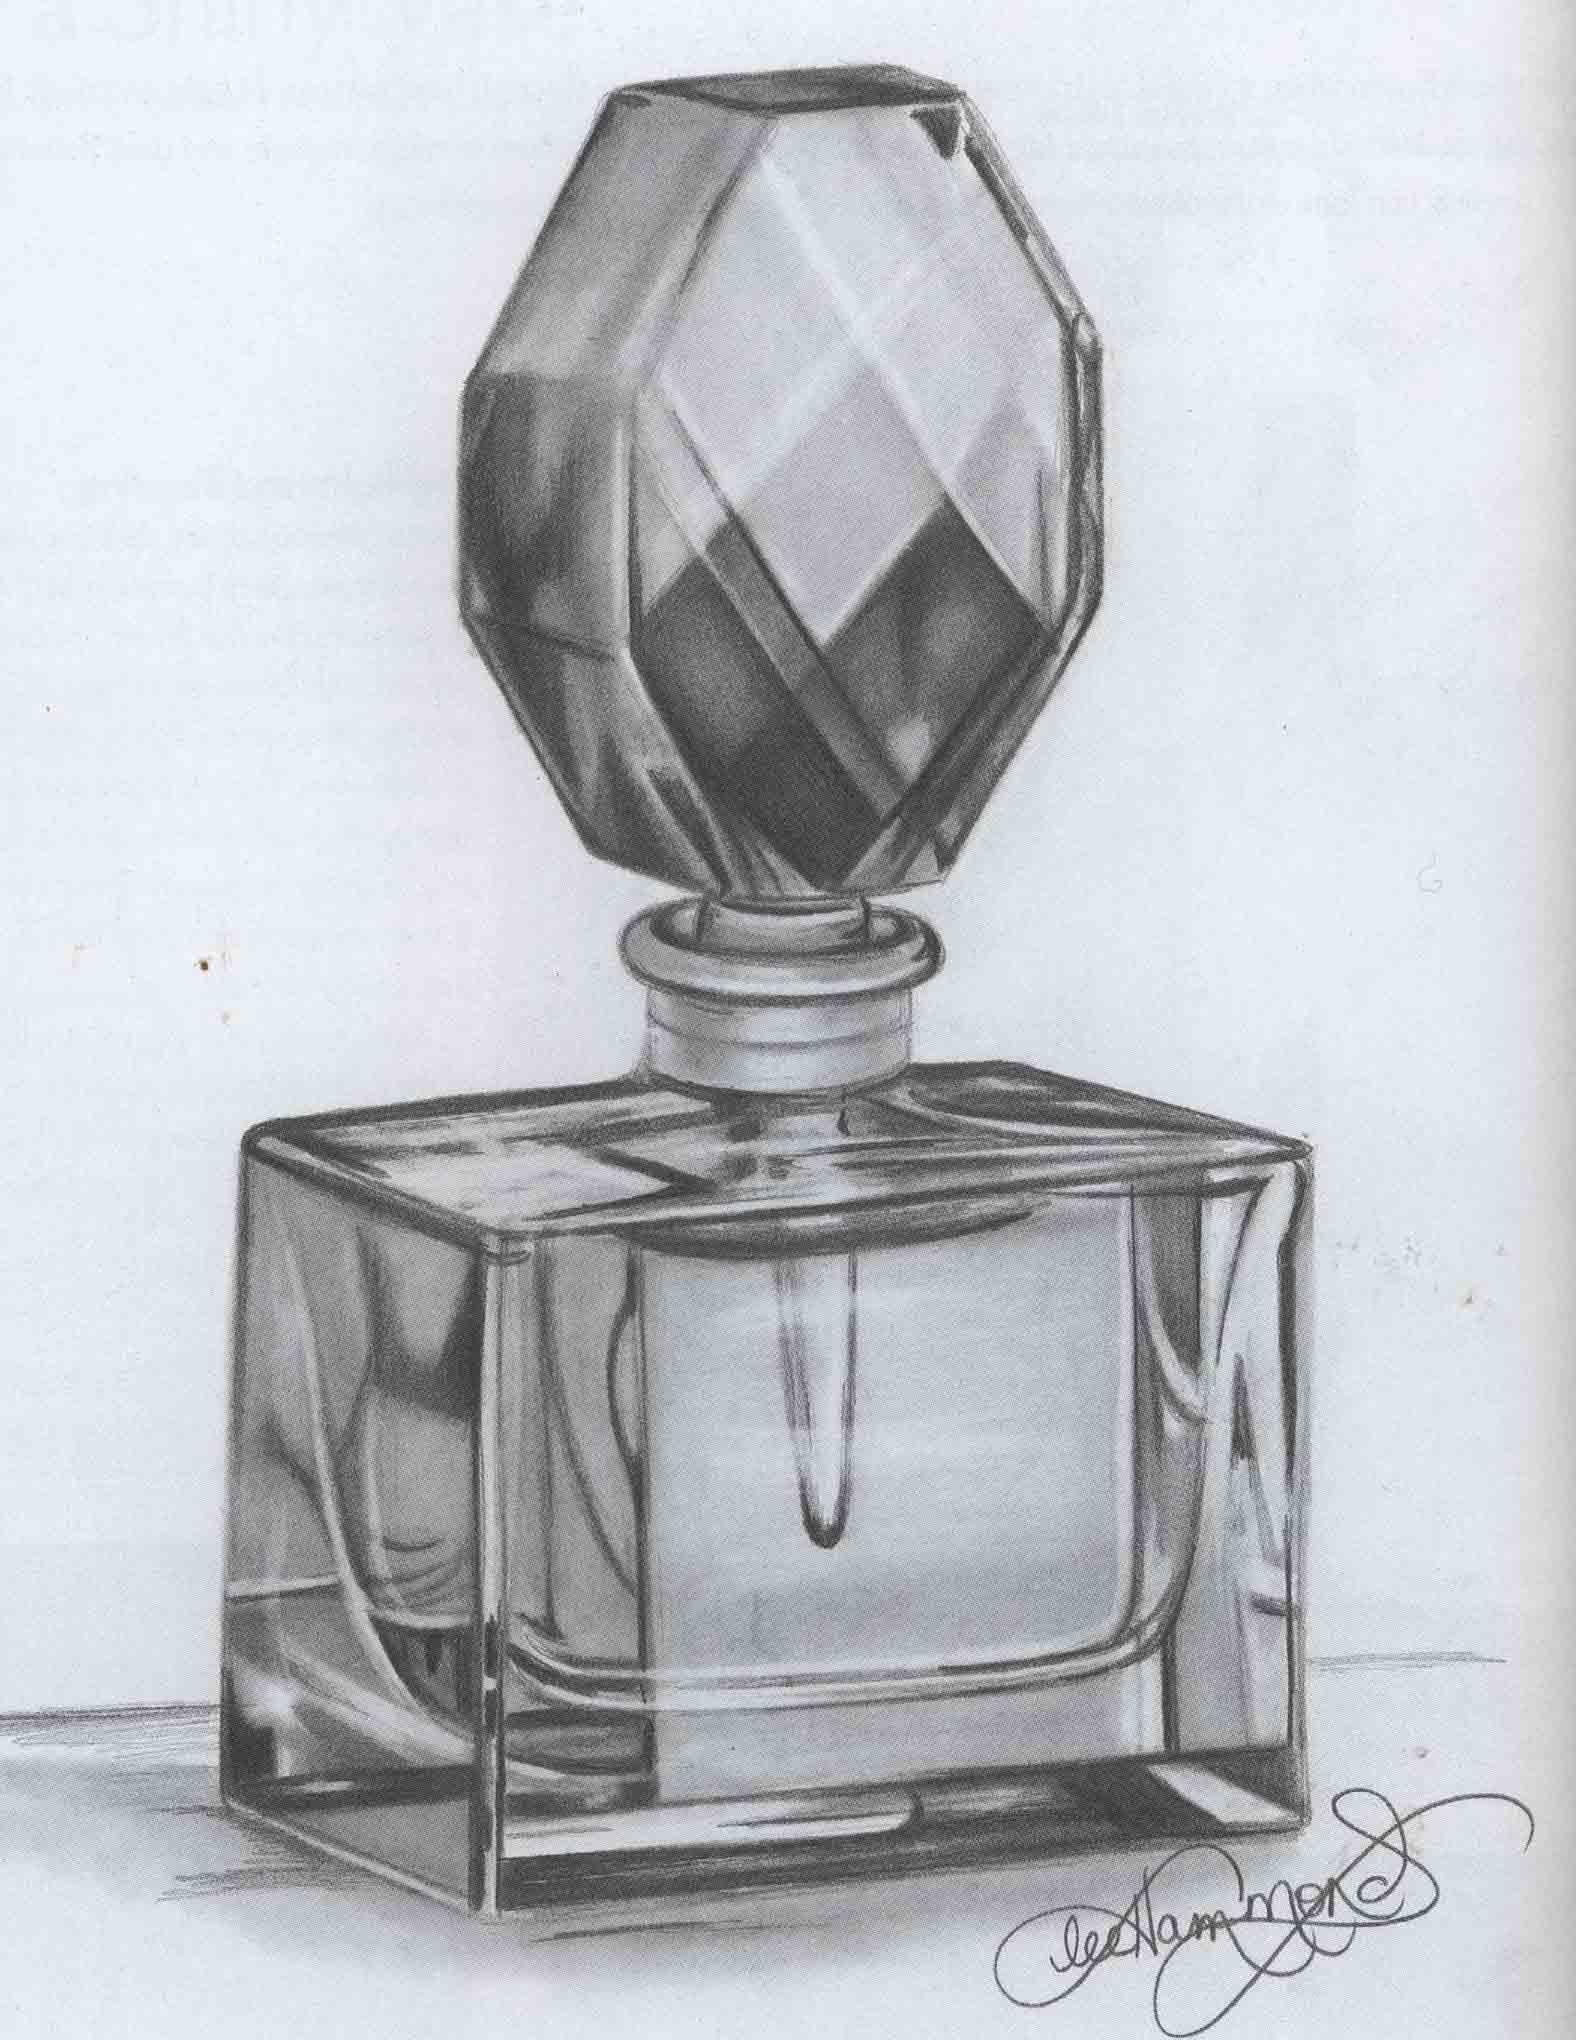 рисунок натюрморта и блестящих предметов